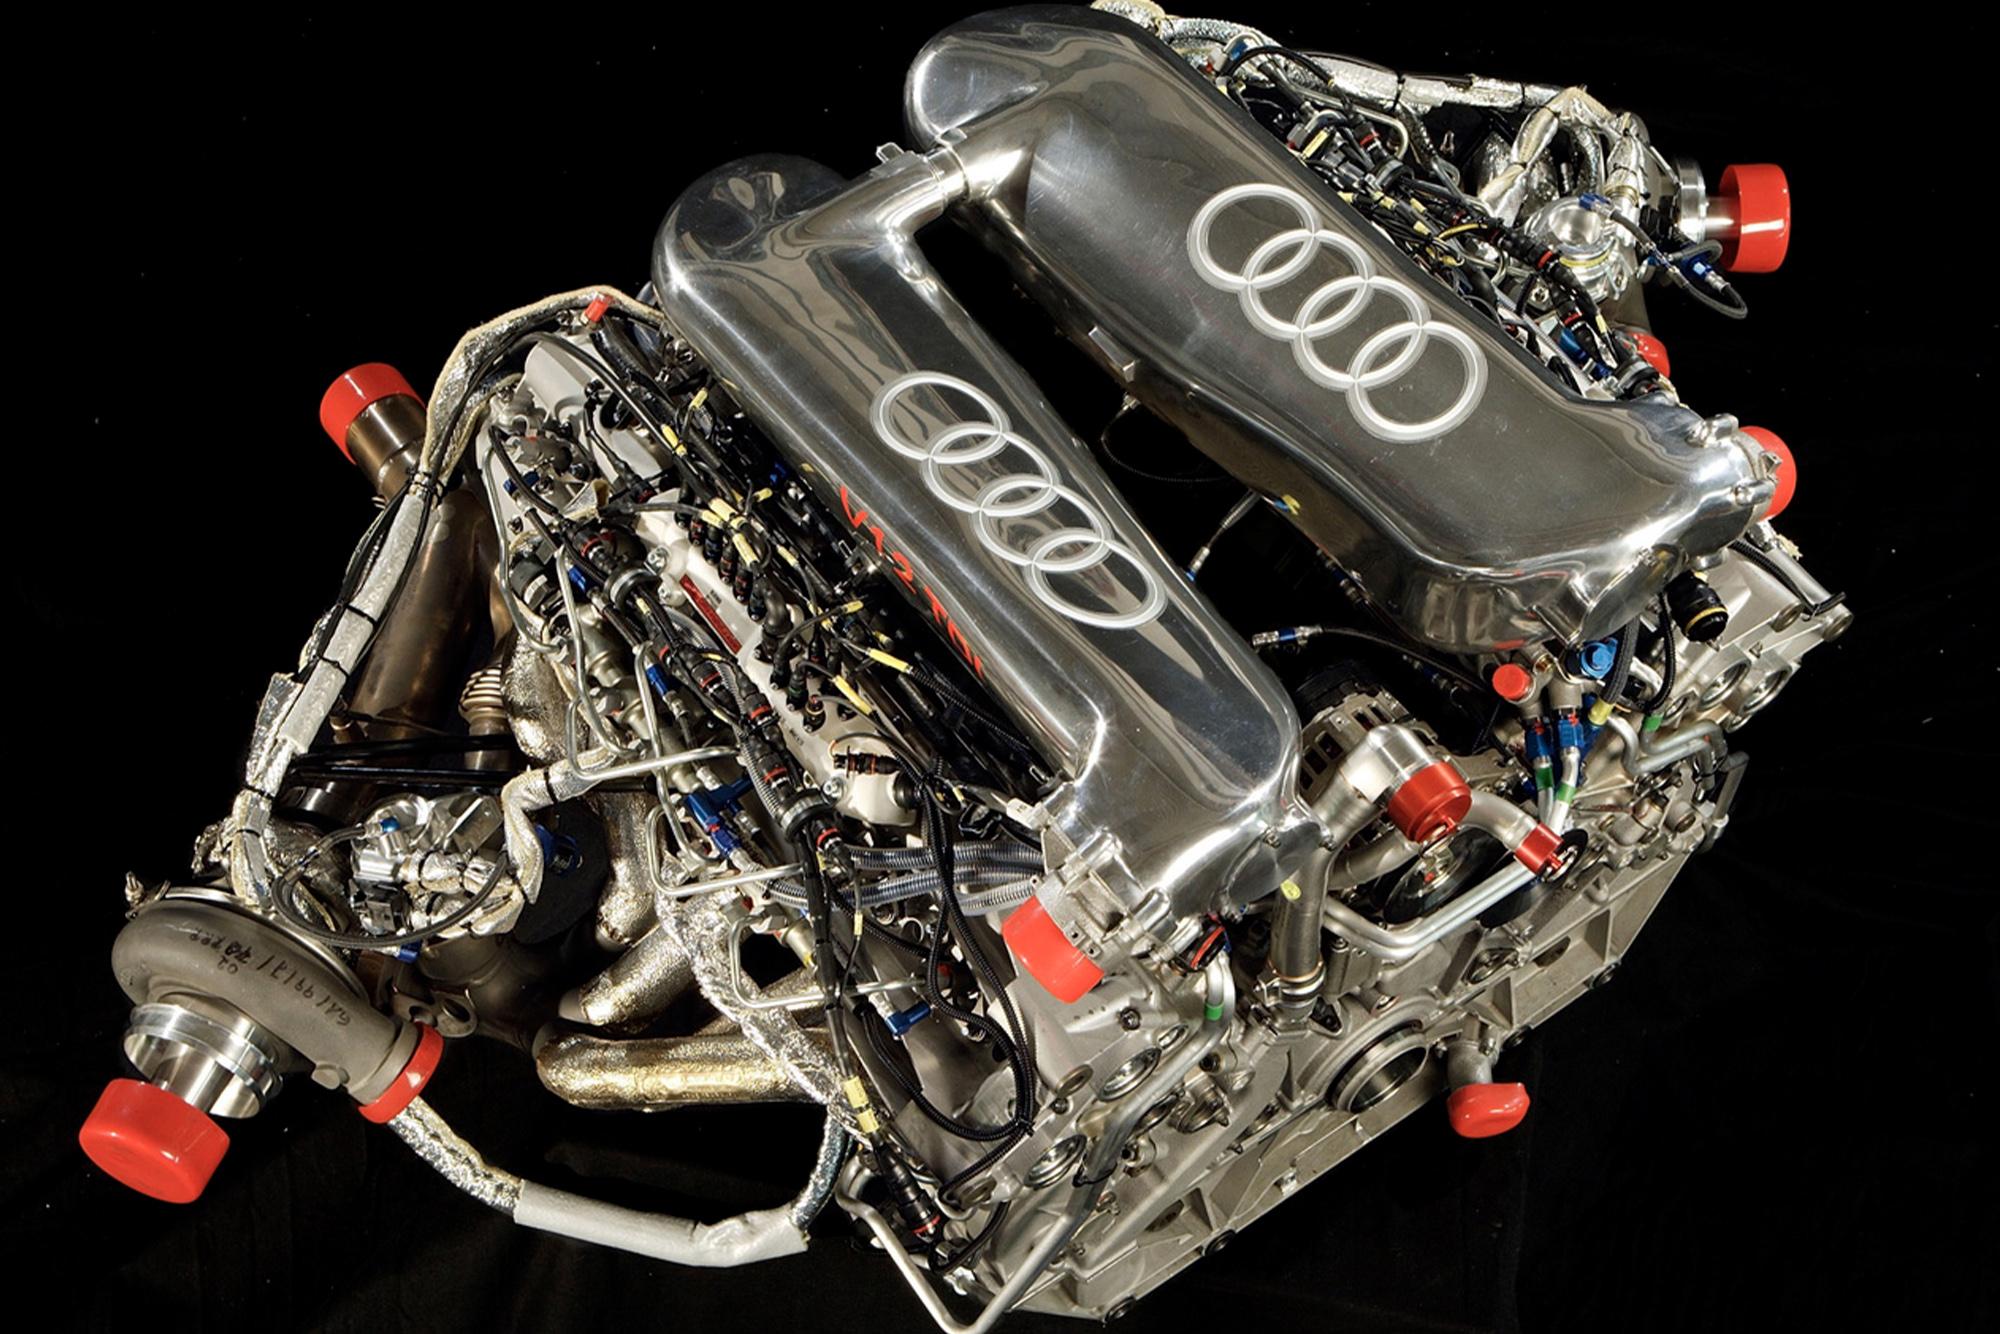 Audi V12 diesel engine